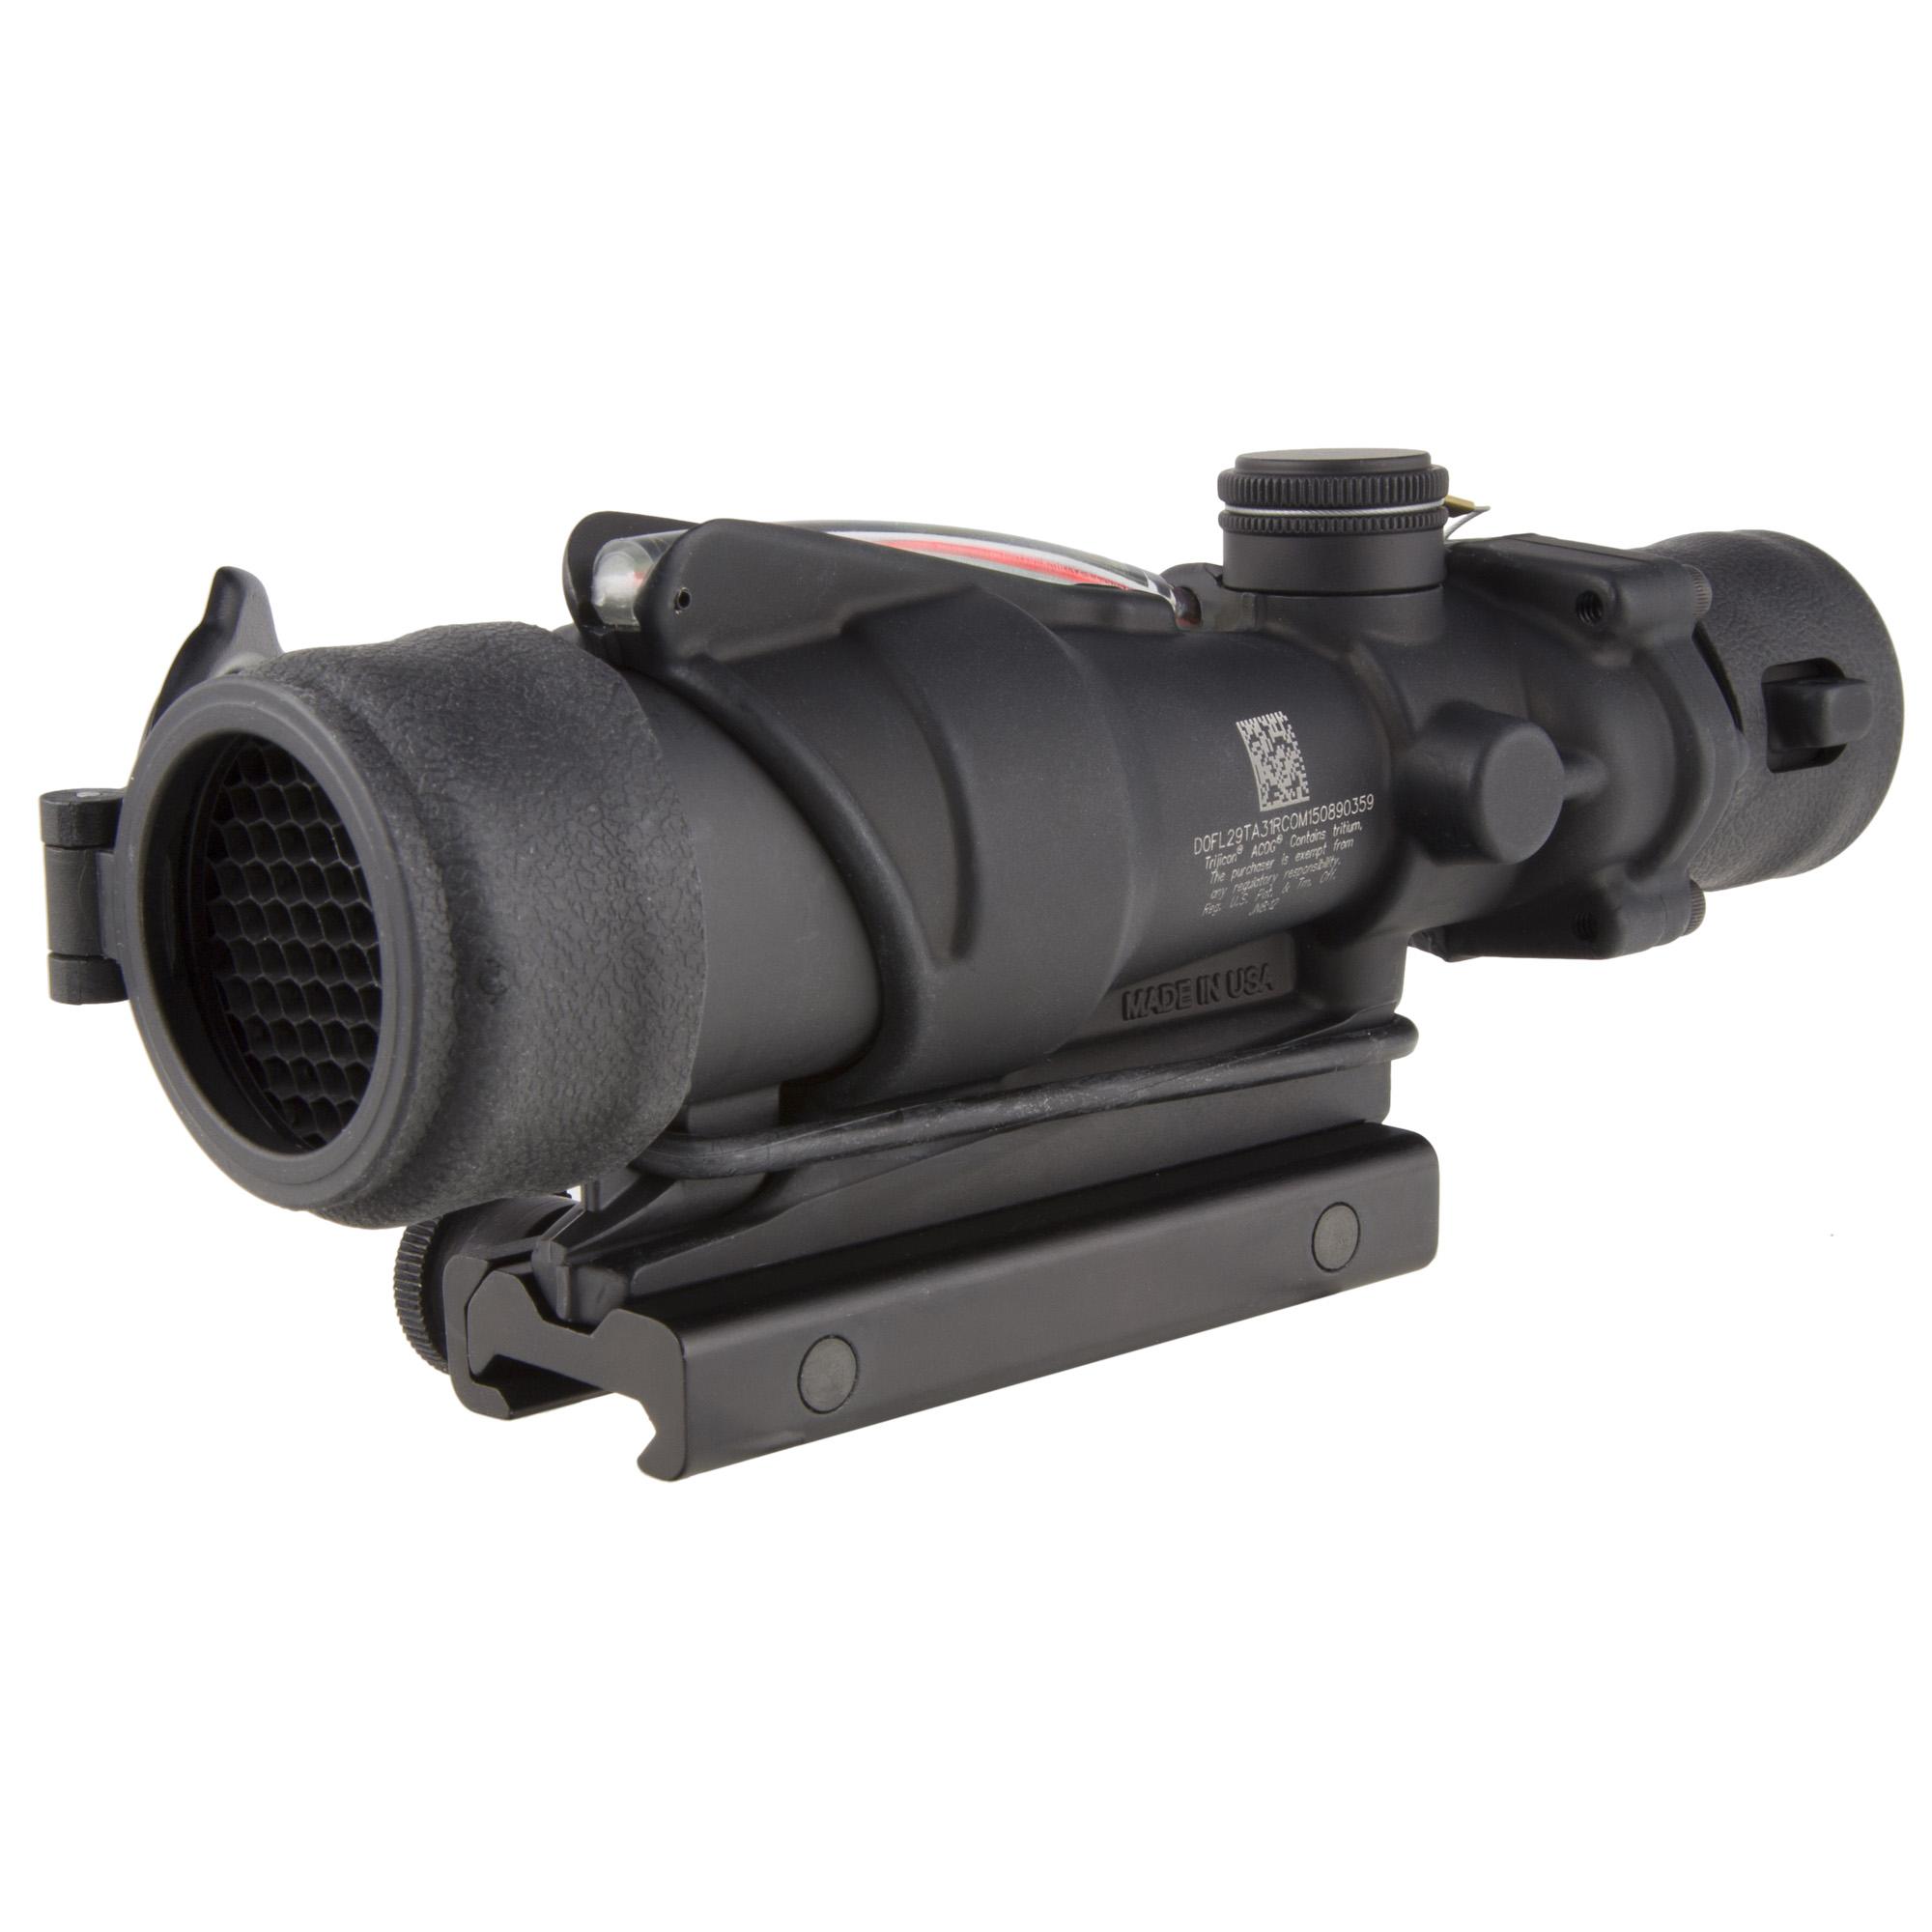 Trijicon Acog Rco 4x32 Red Chv M150